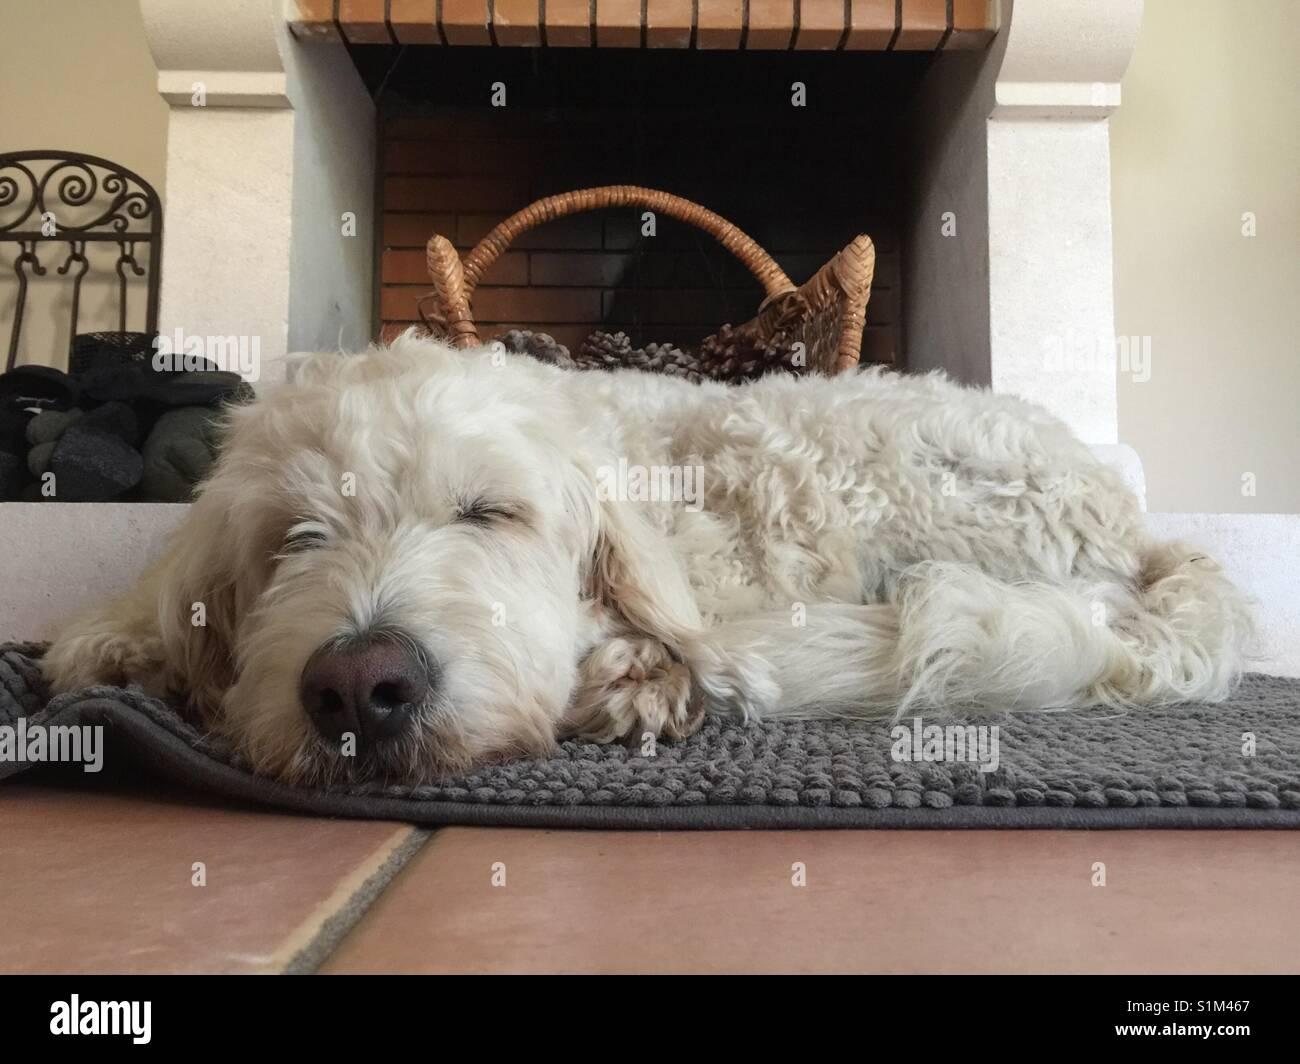 Weisser Hund Goldendoodle schläft vorm offenen Kamin. White dog, goldendoodle, doodle, sleeping in front of - Stock Image